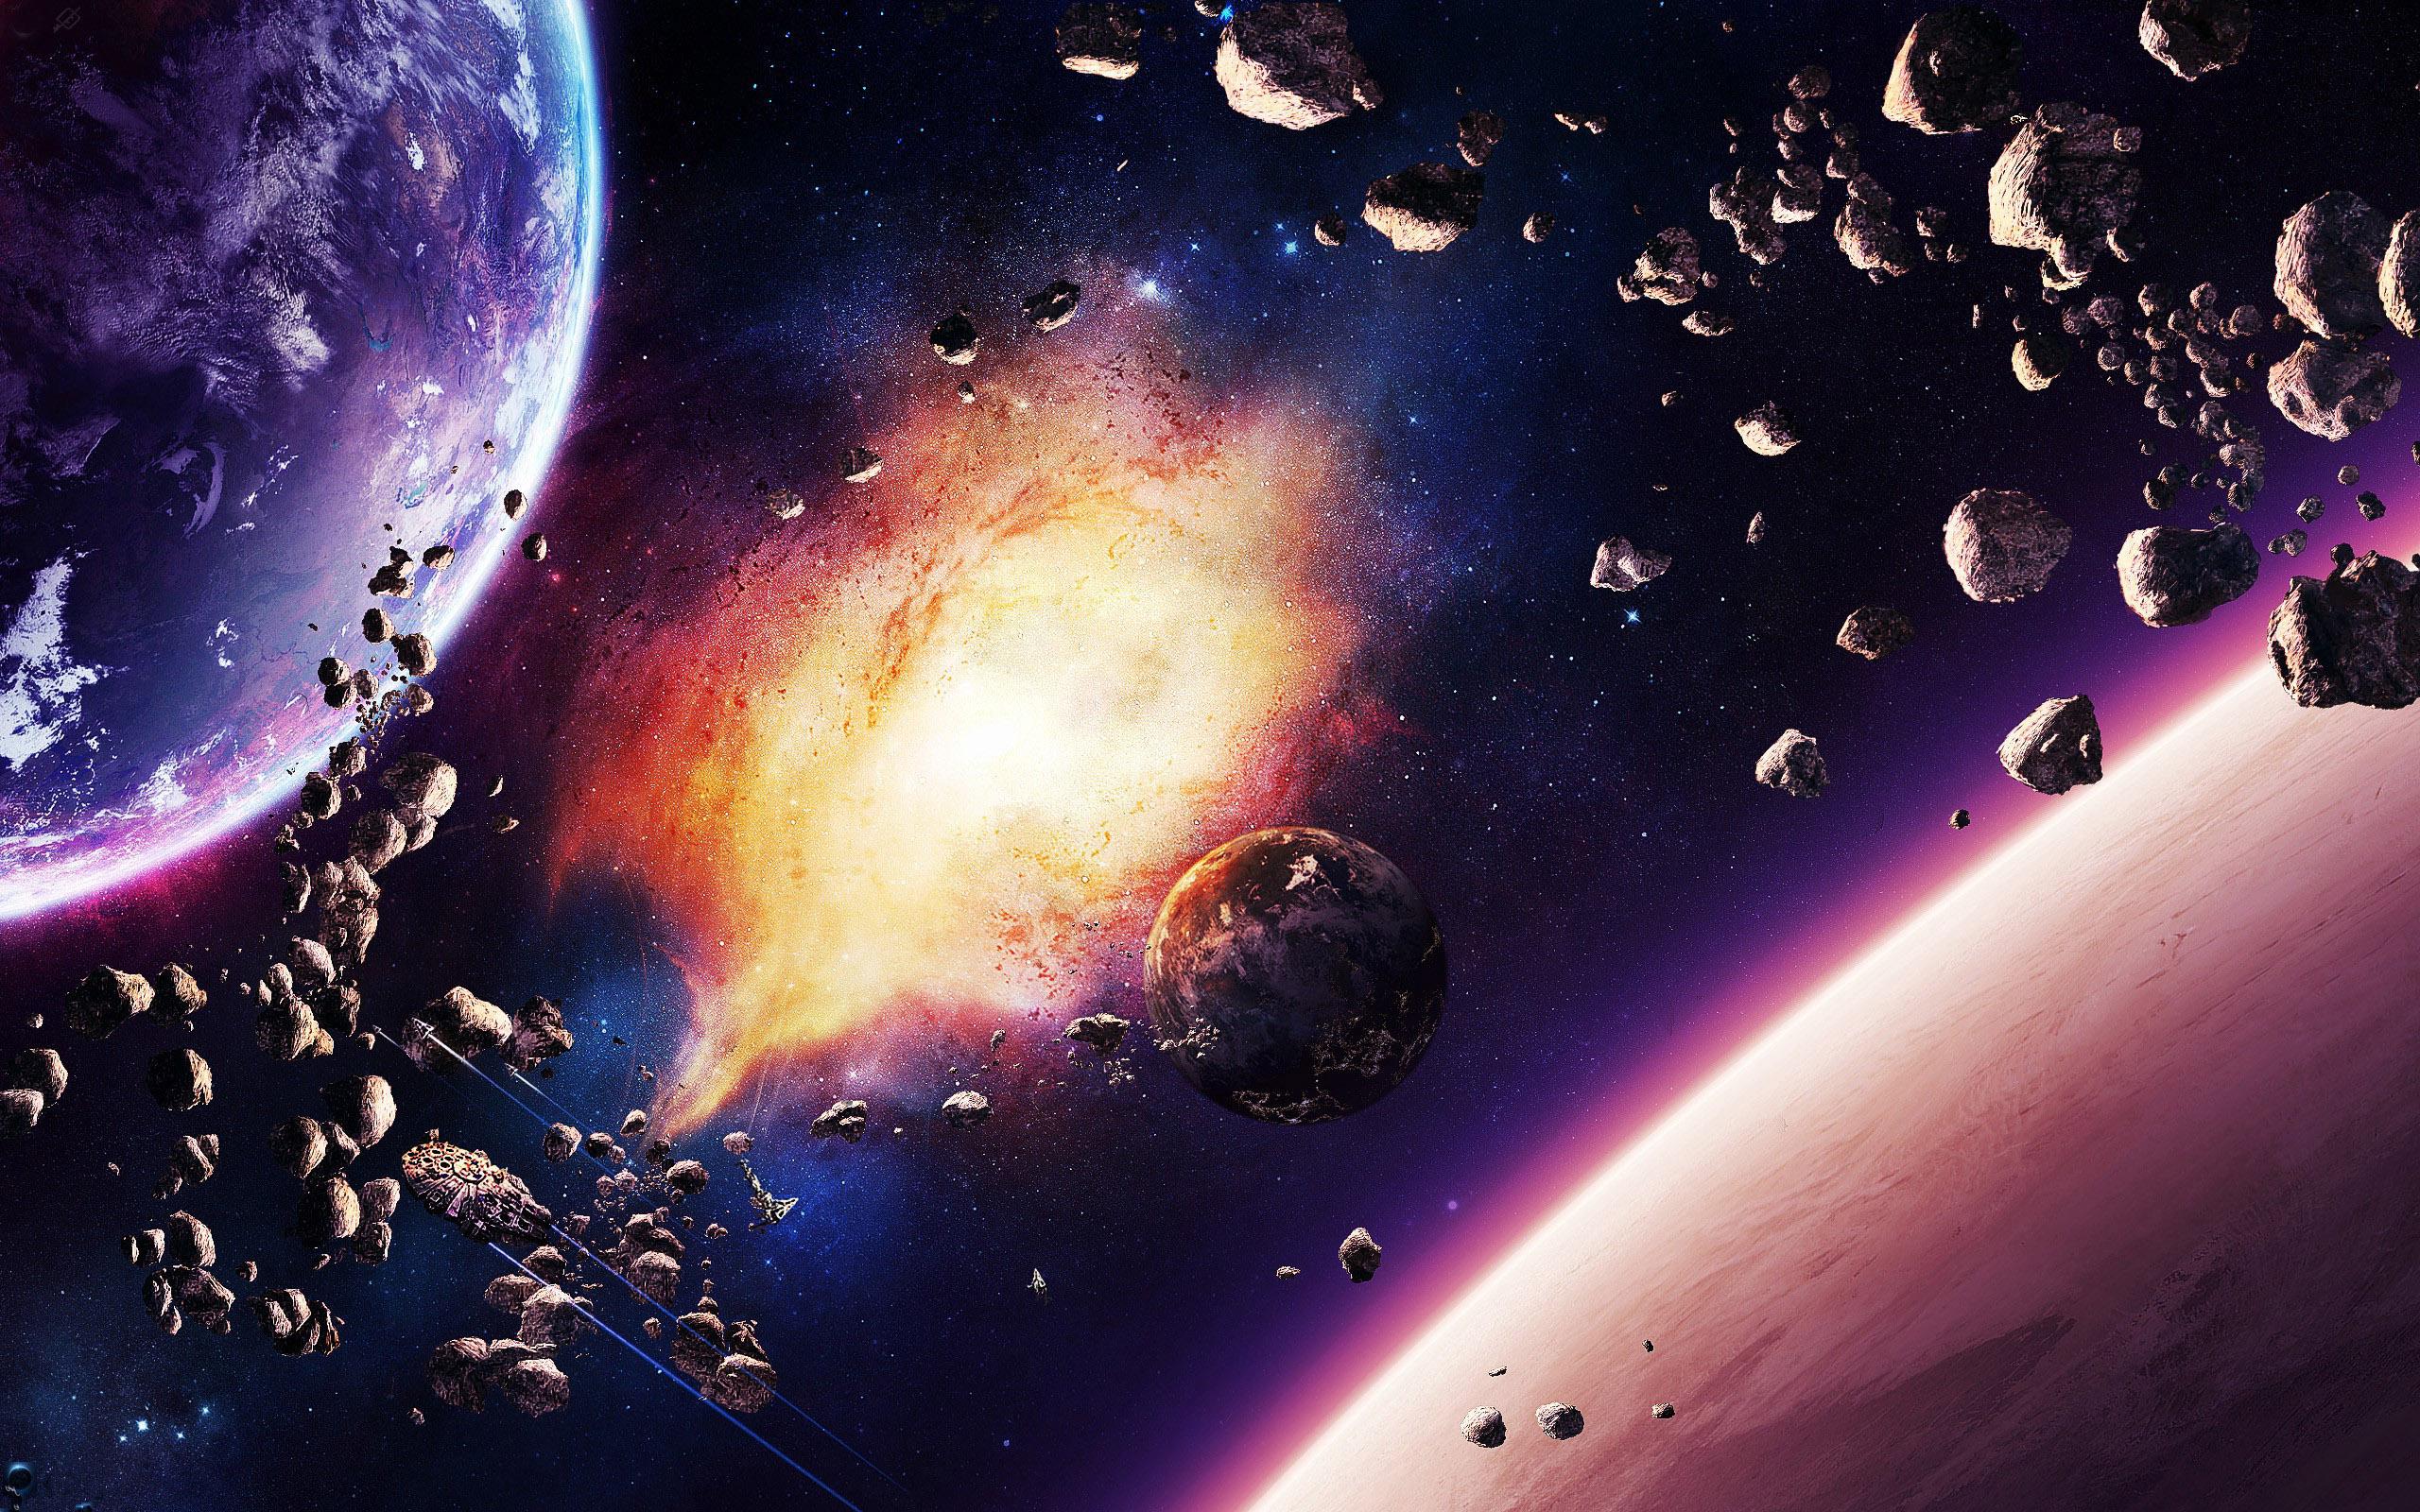 Взрыв на планете в космосе, обои iphone x космос, галактика, 2560 на 1600 пикселей